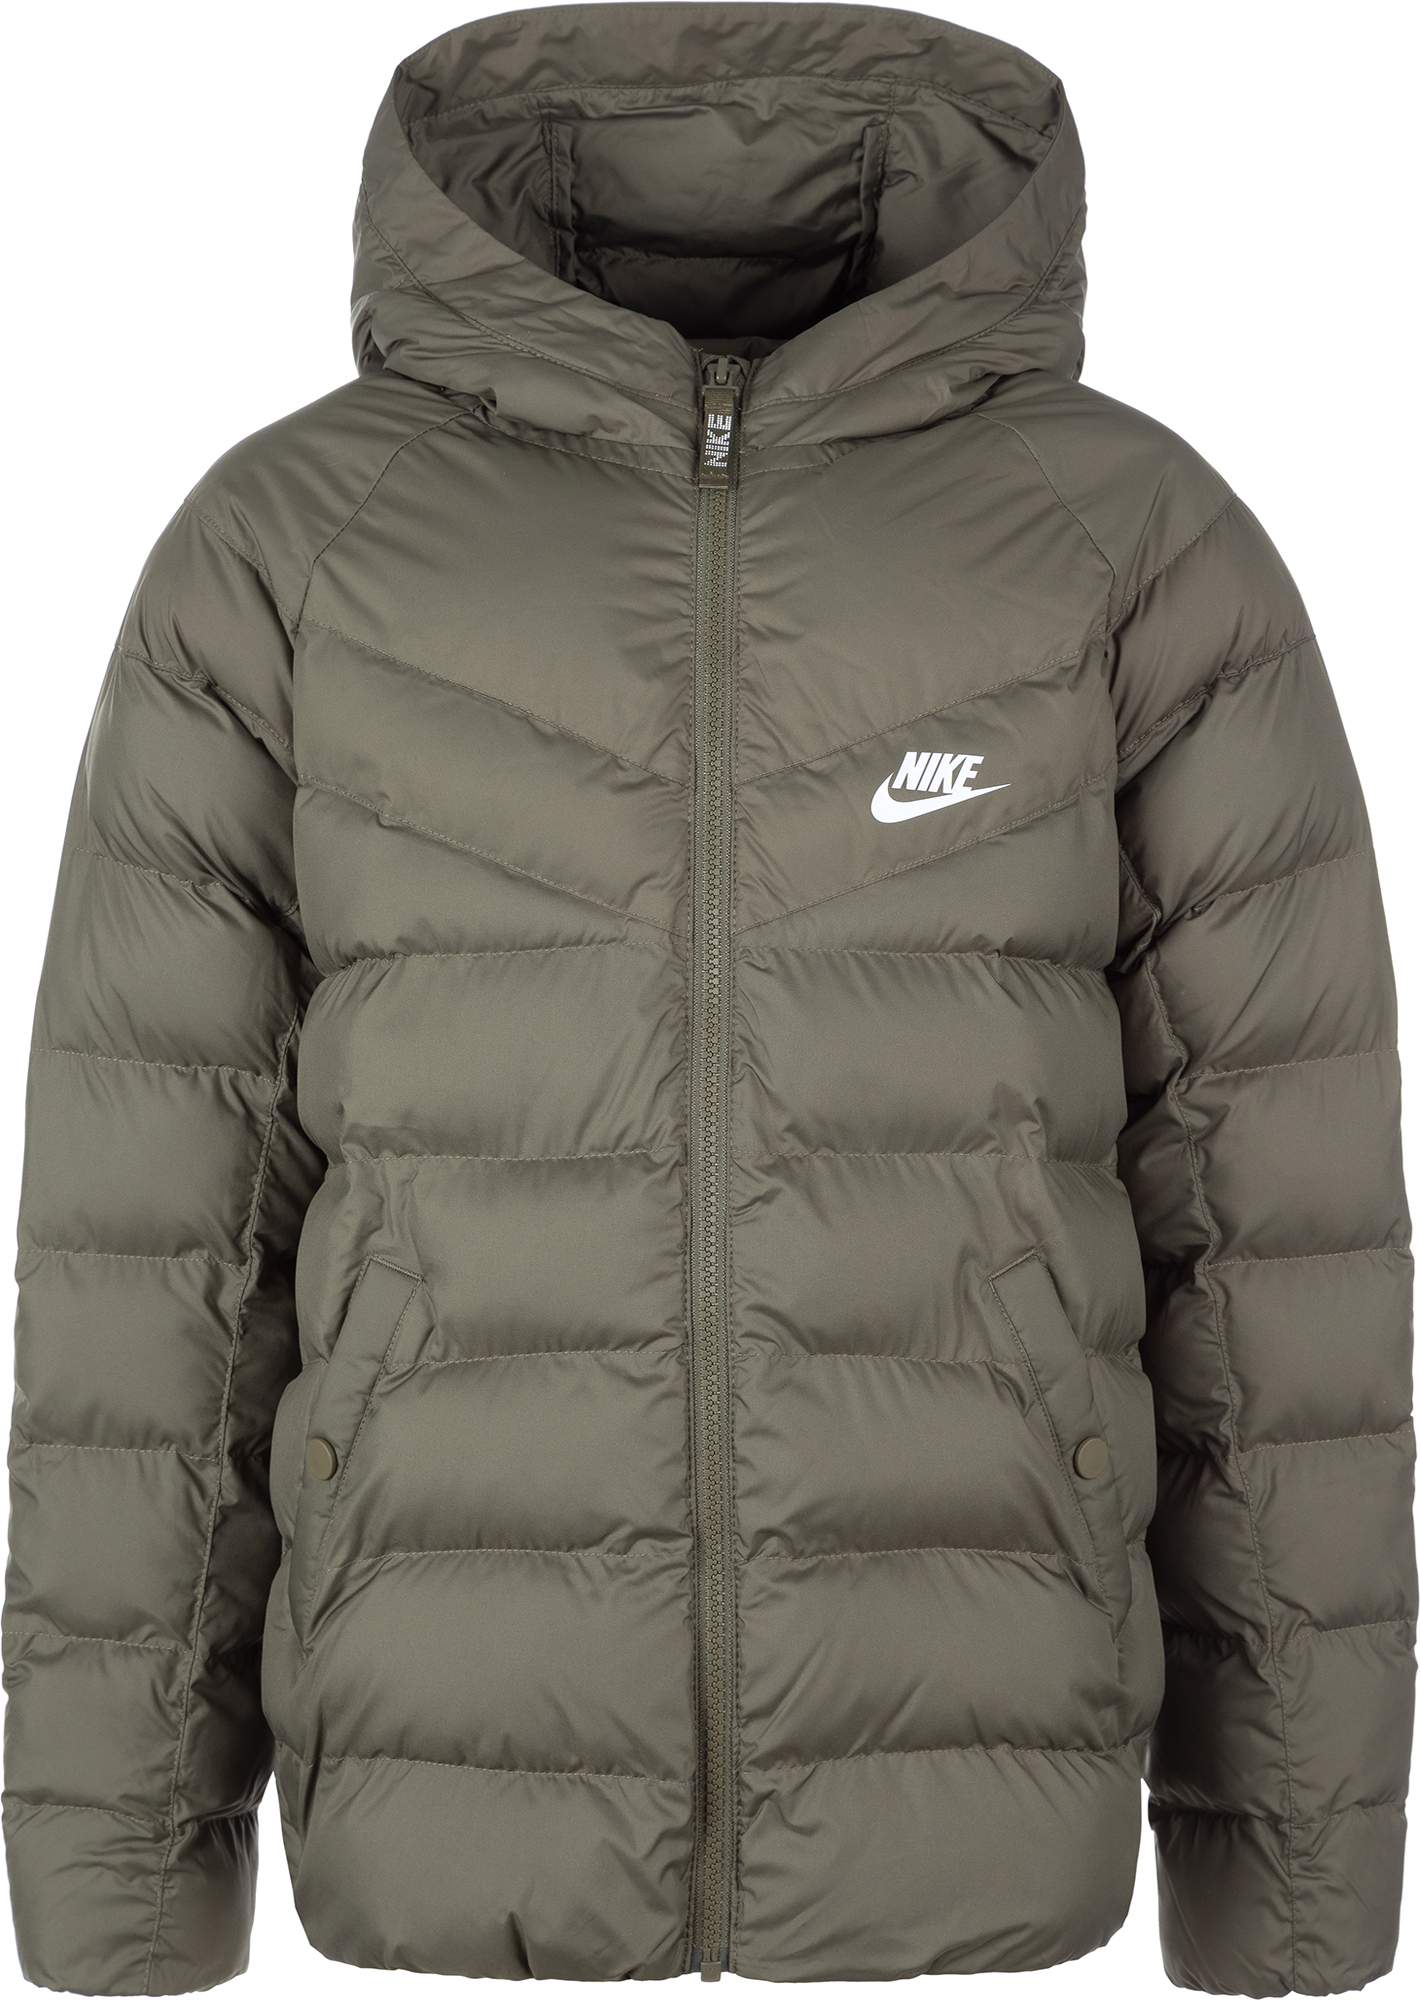 Nike Куртка утепленная для мальчиков Nike, размер 158-170 куртка женская oodji ultra цвет бежевый 10304291 19781 3300n размер 34 170 40 170